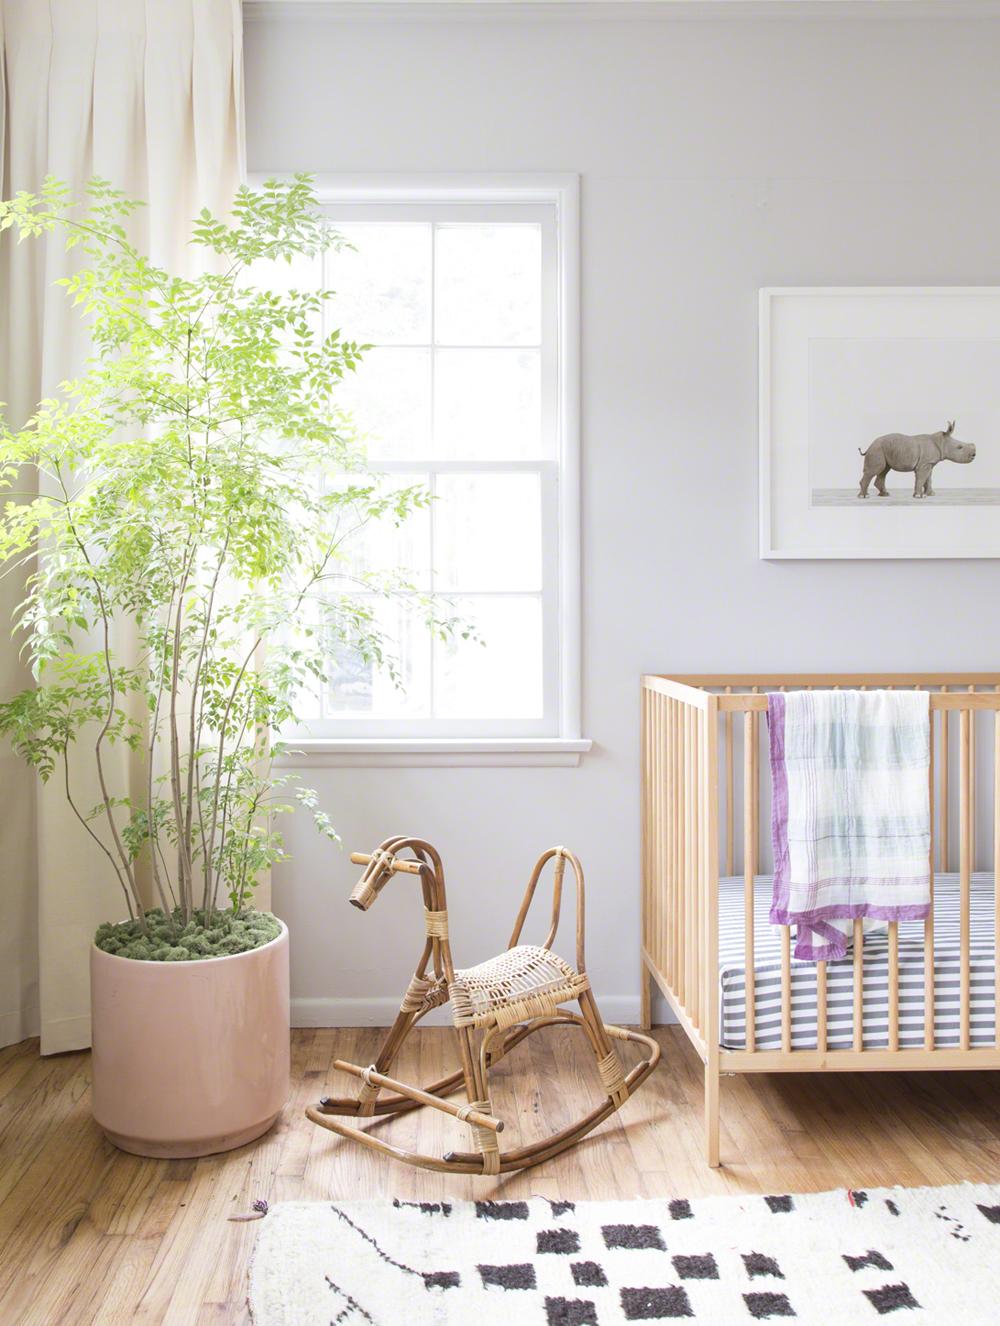 Les plantes dans les chambres plante maison - Chambre plante ...